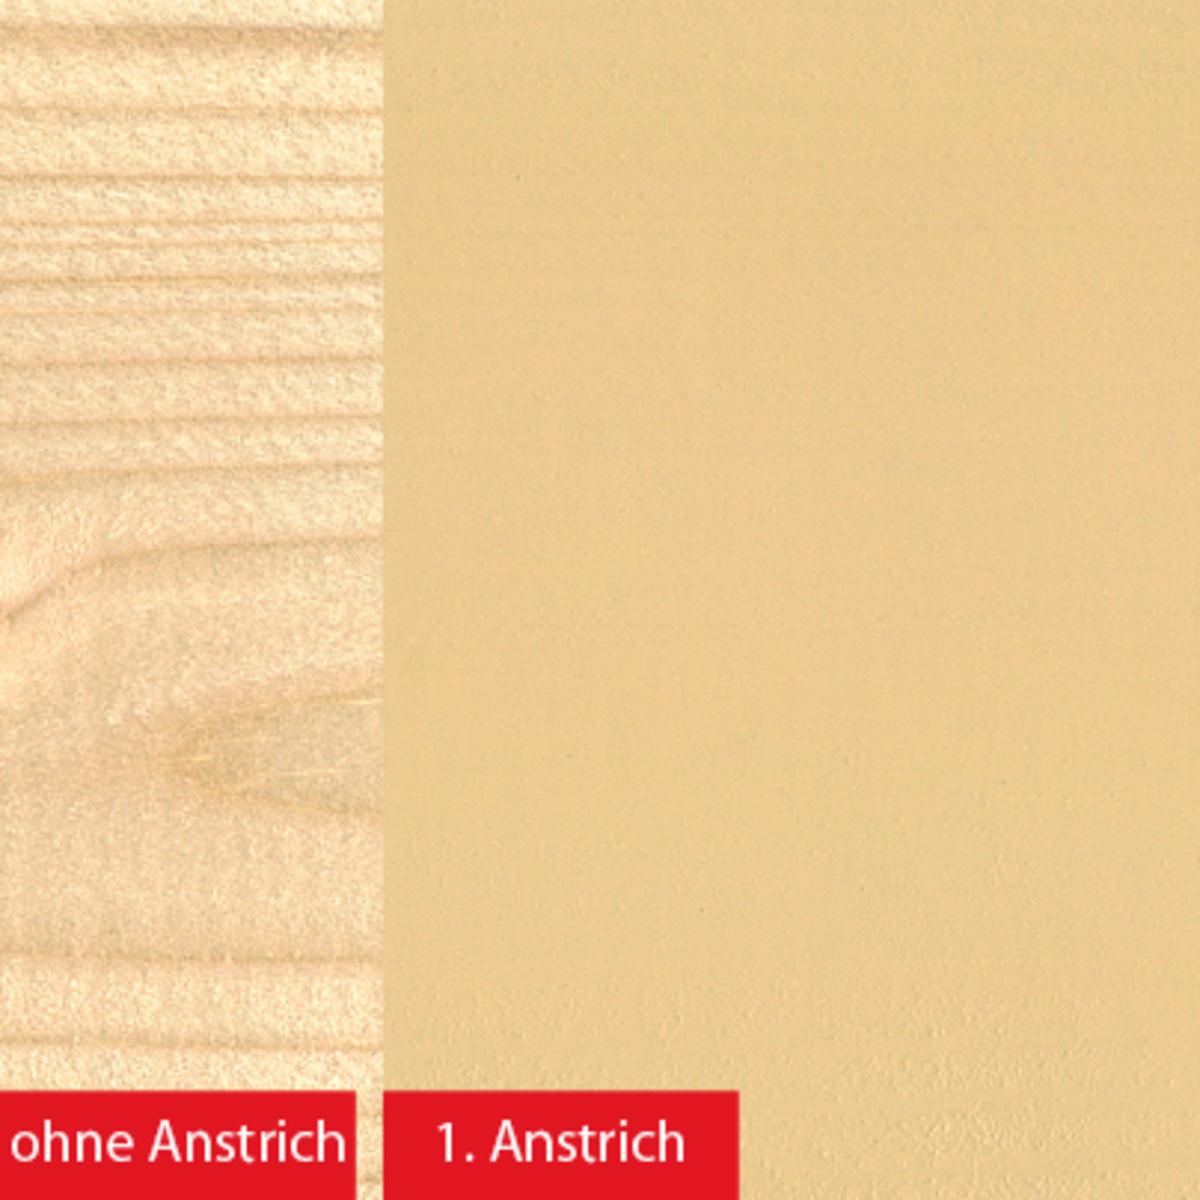 Bild 2 von BAUFIX 2in1 Express Deckfarbe sand 2,5 L 2er Set